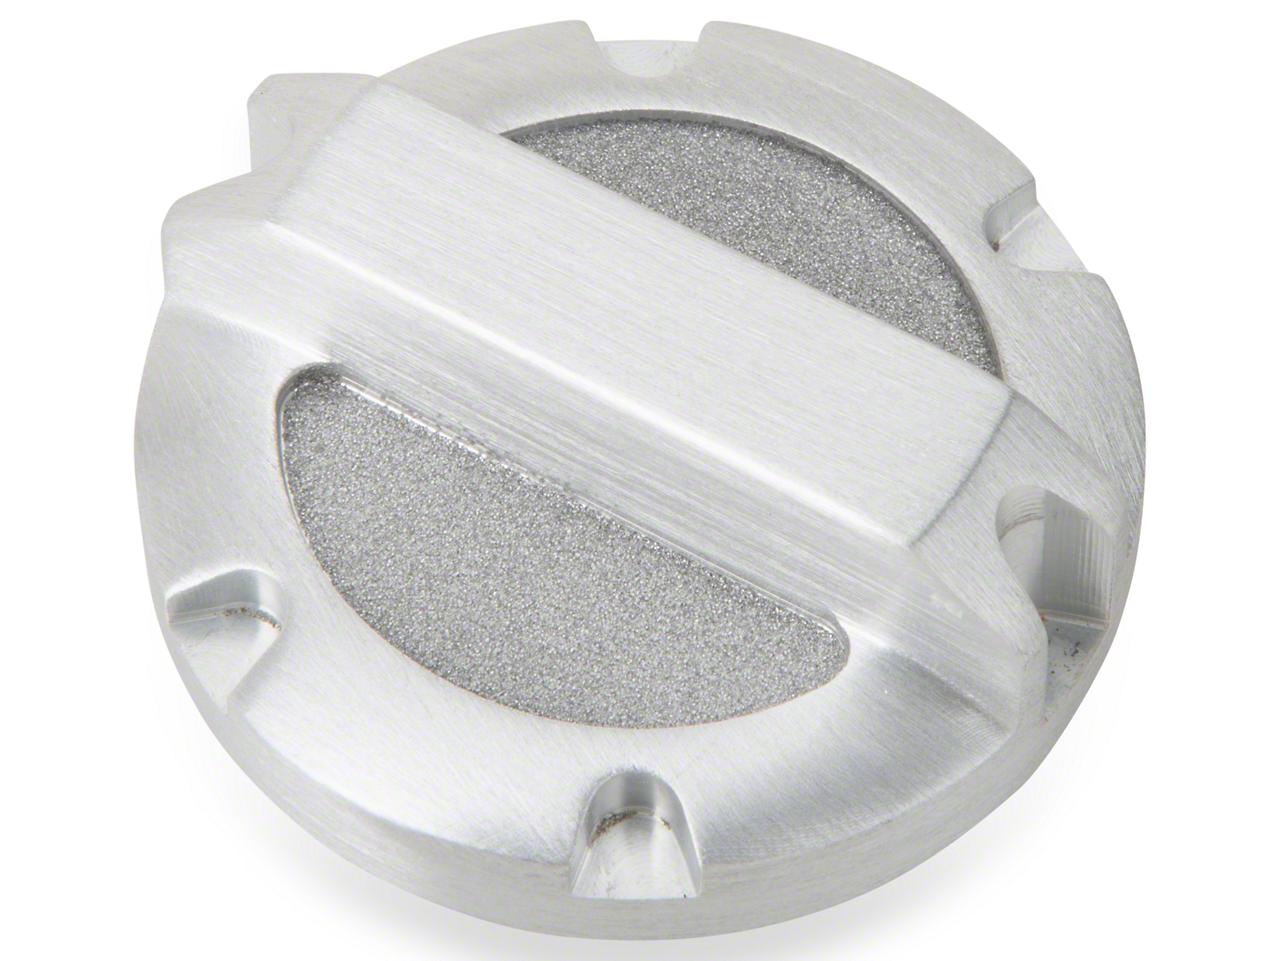 Rugged Ridge Brushed Billet Aluminum Brake Master Cylinder Cap (97-17 Wrangler TJ & JK)